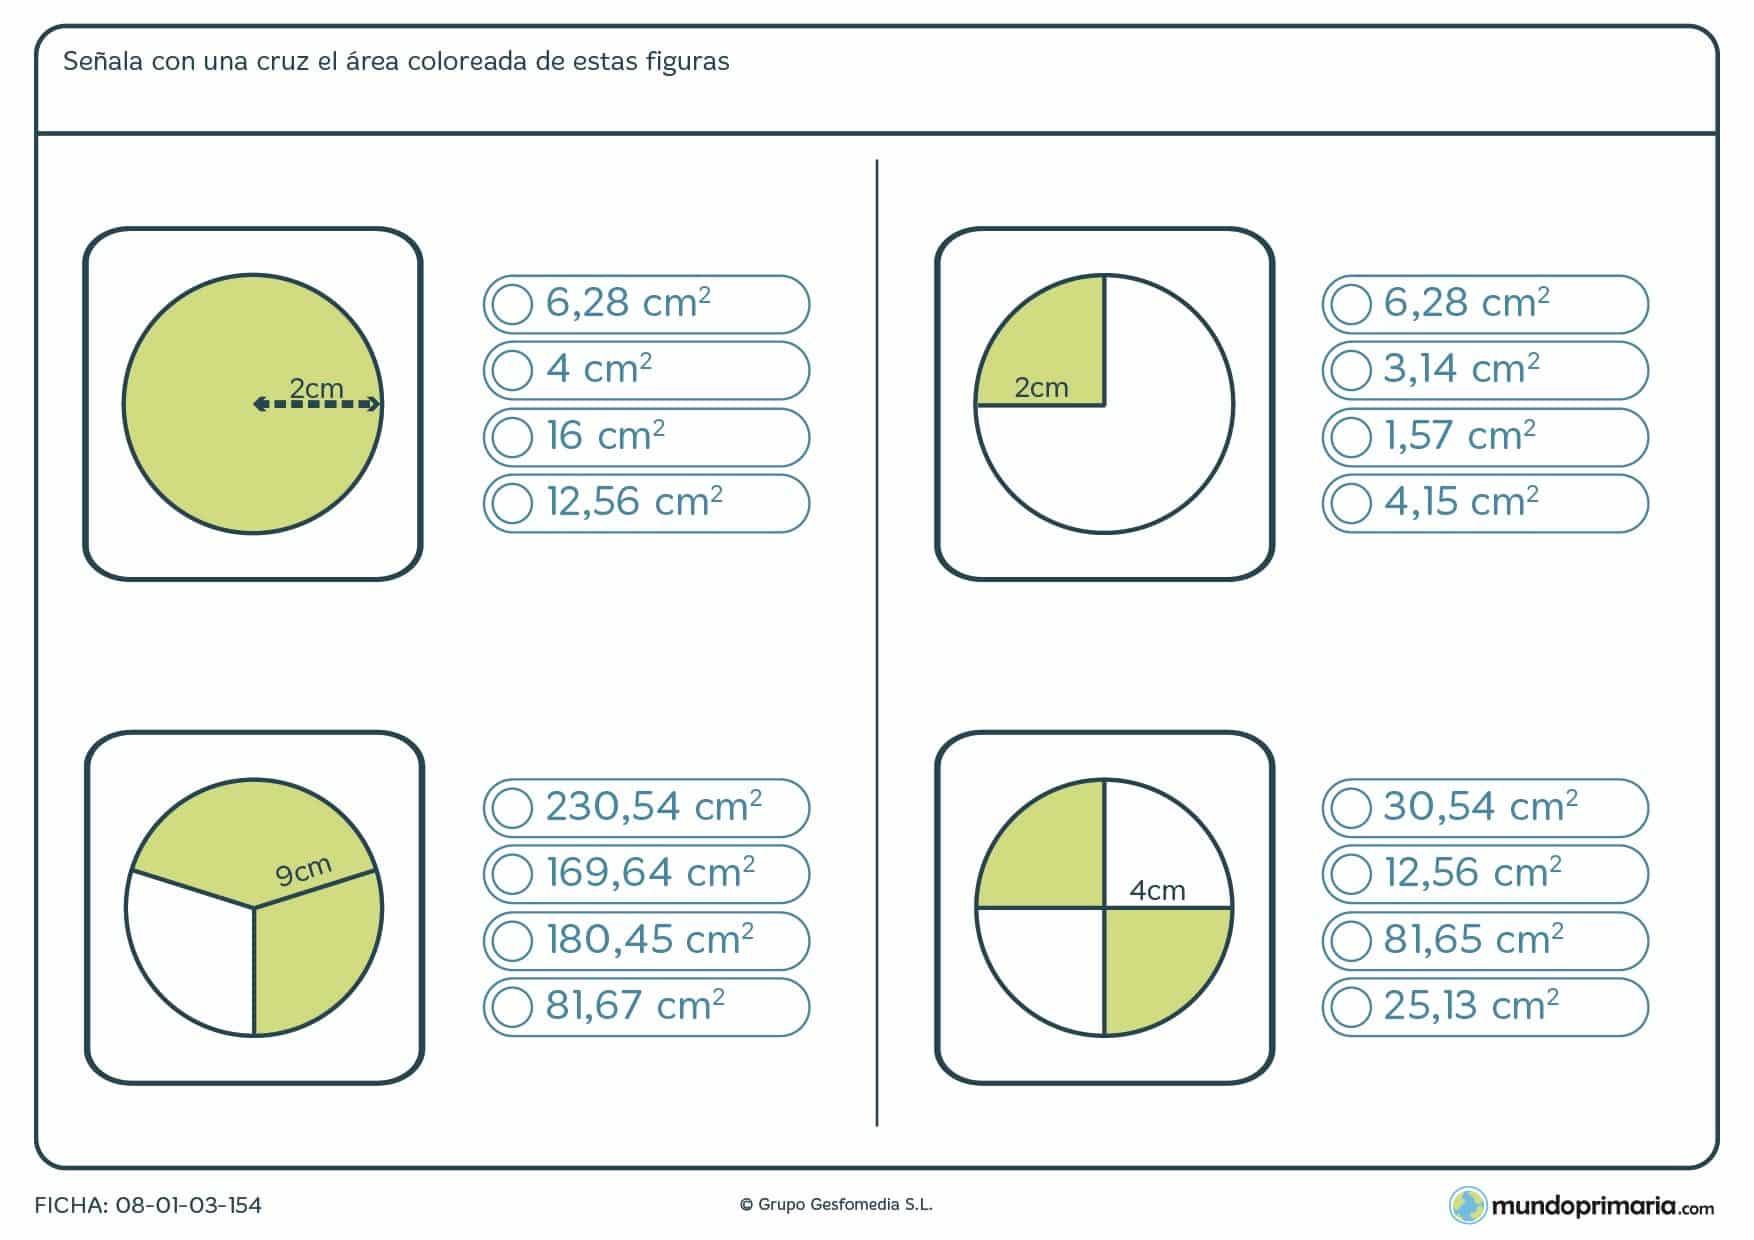 Ficha de hallar parte de área de un círculo contando con datos como el radio de la circunferencia.